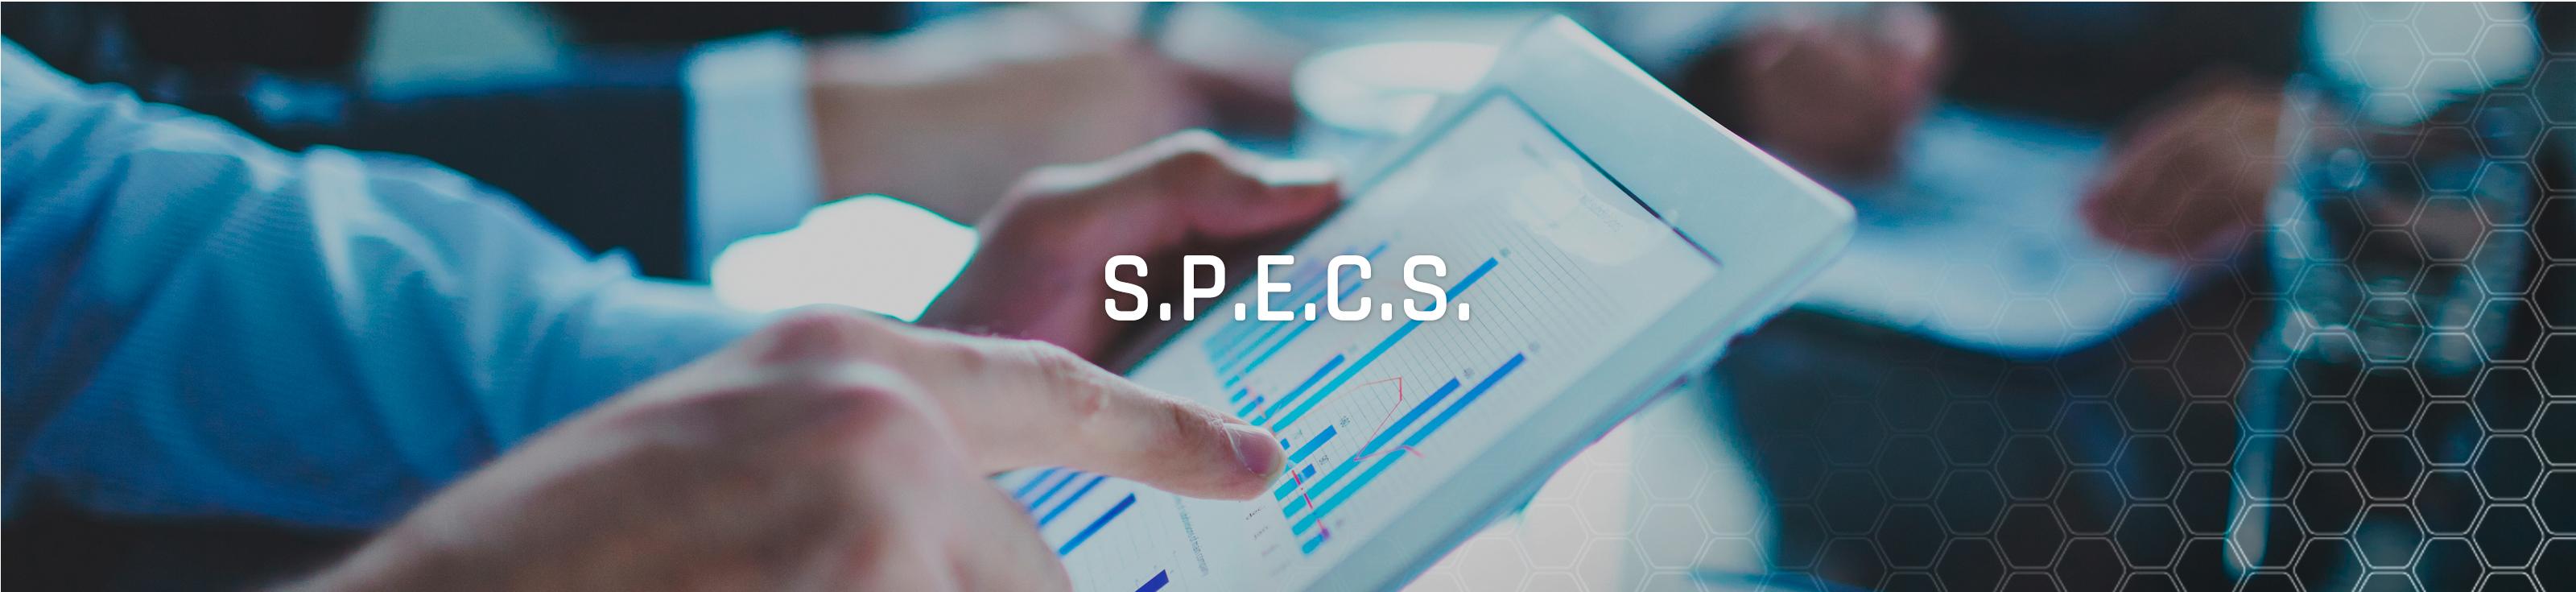 Slider_specs_4neu_ps